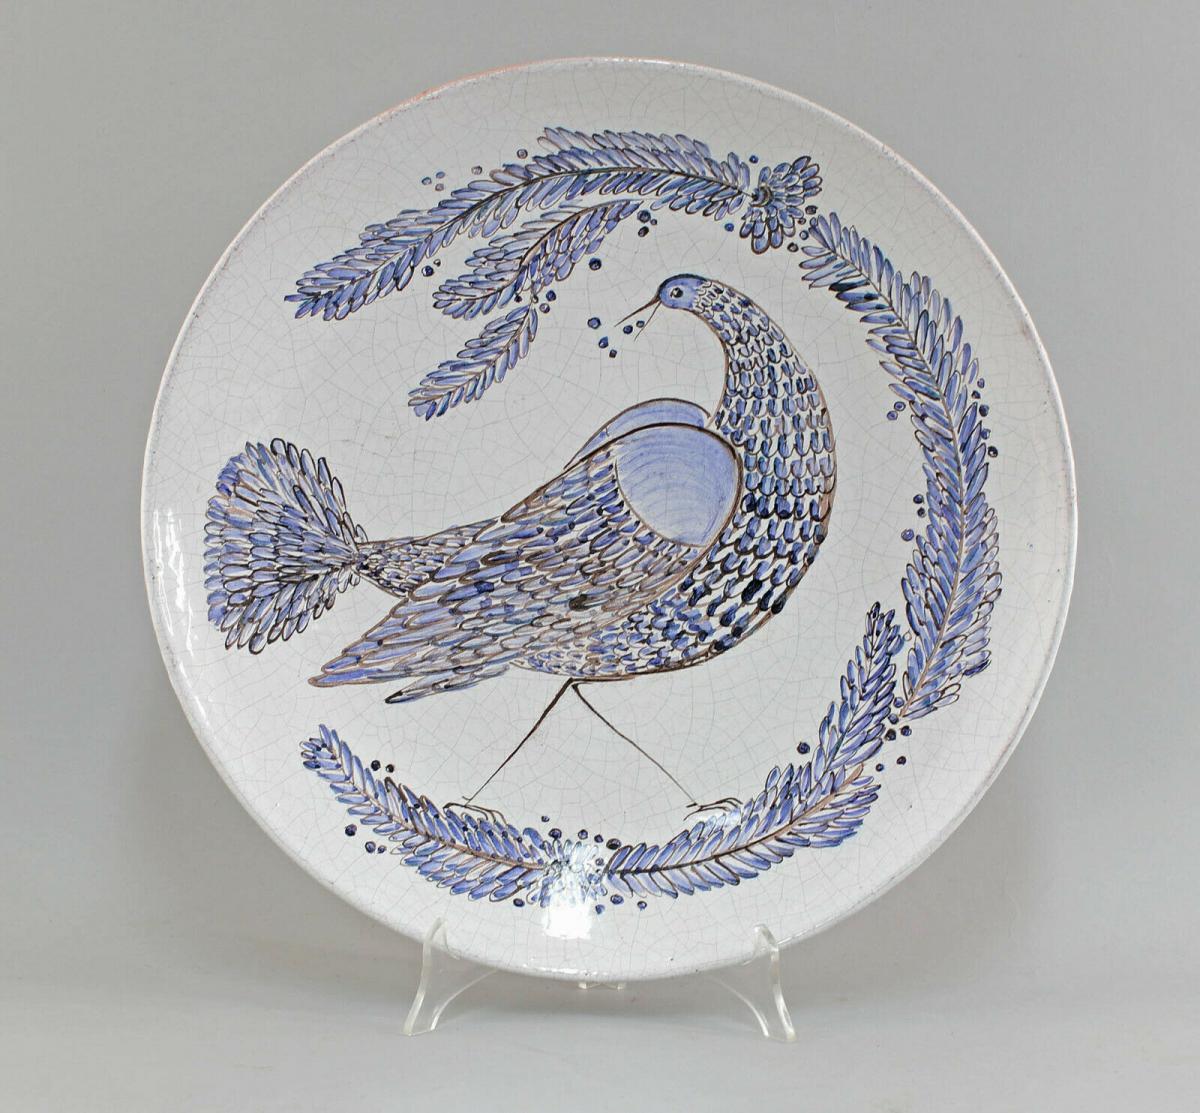 8545007 Keramik Baudisch Gudrun Großer Bildteller Hallstatt 0